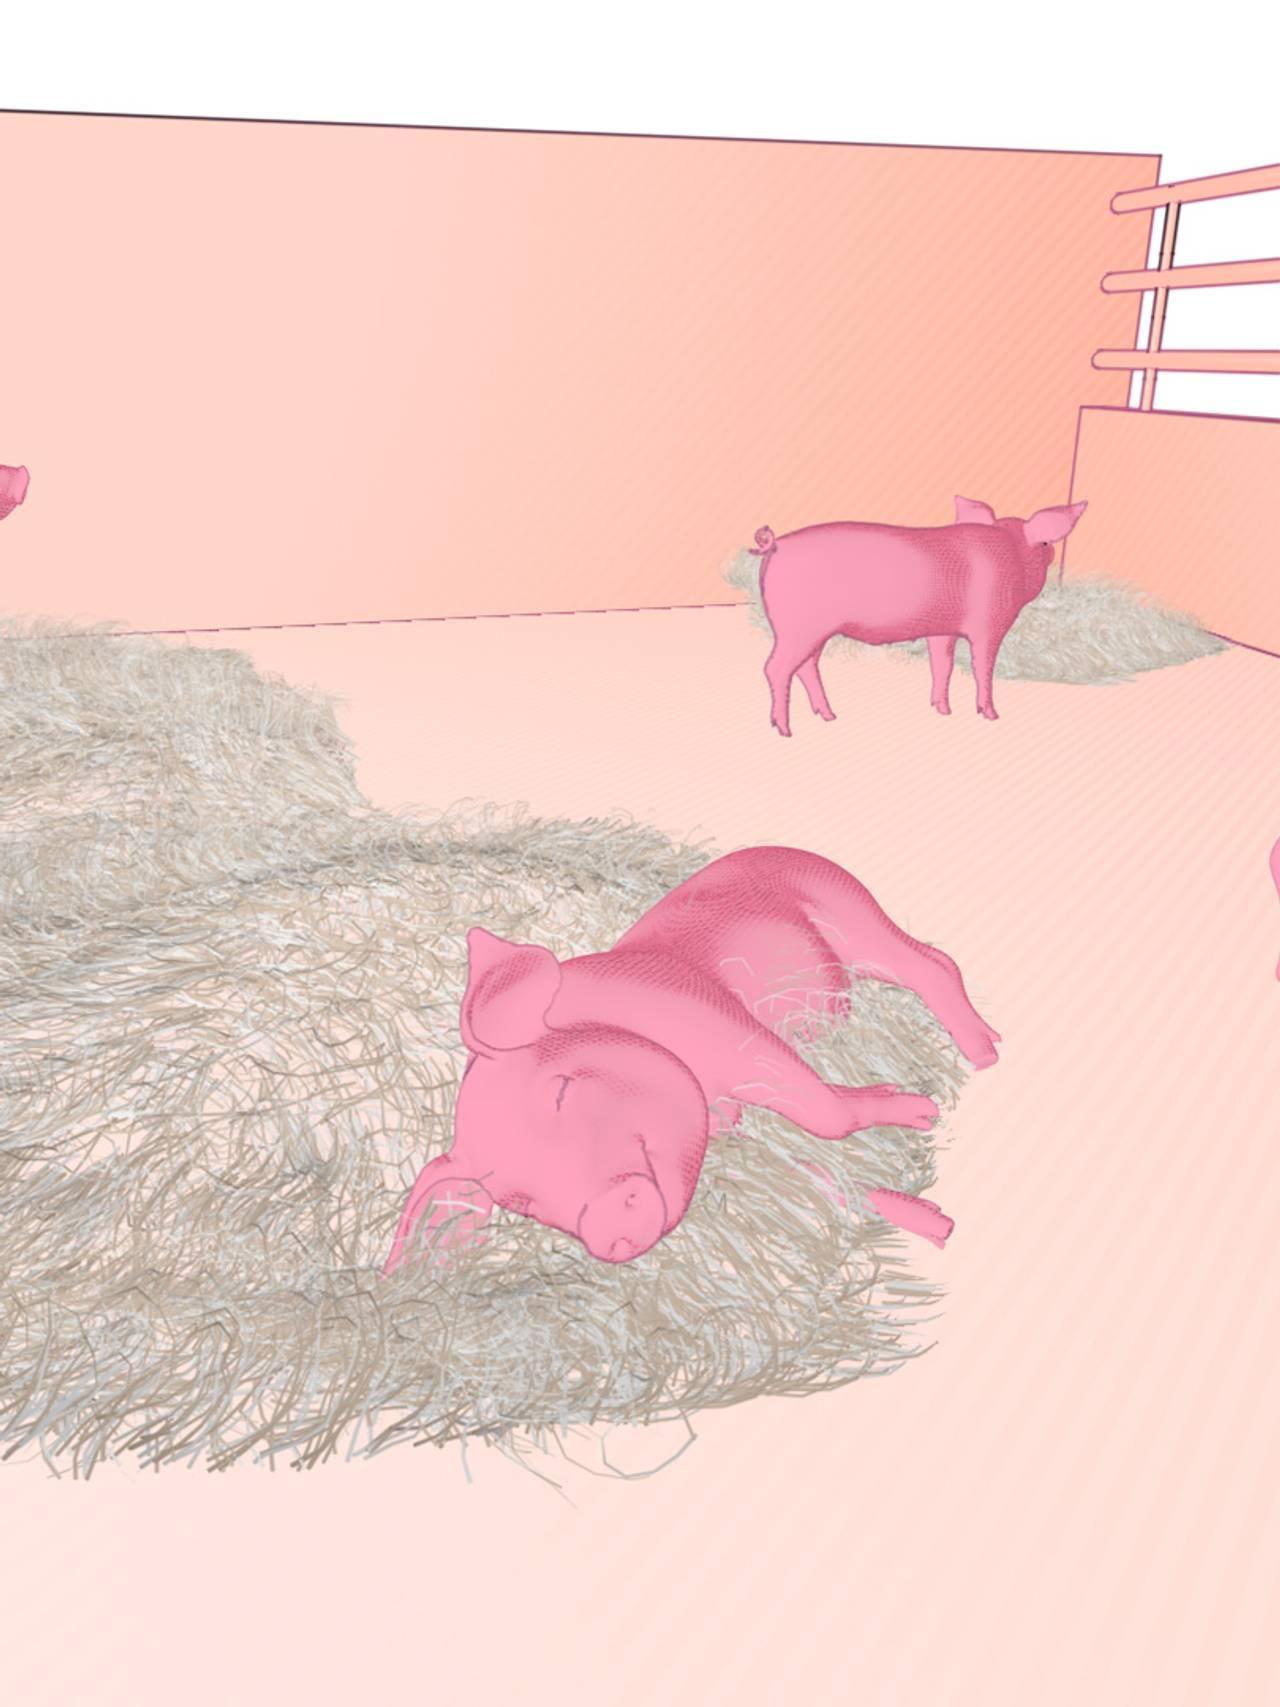 Liggende gris